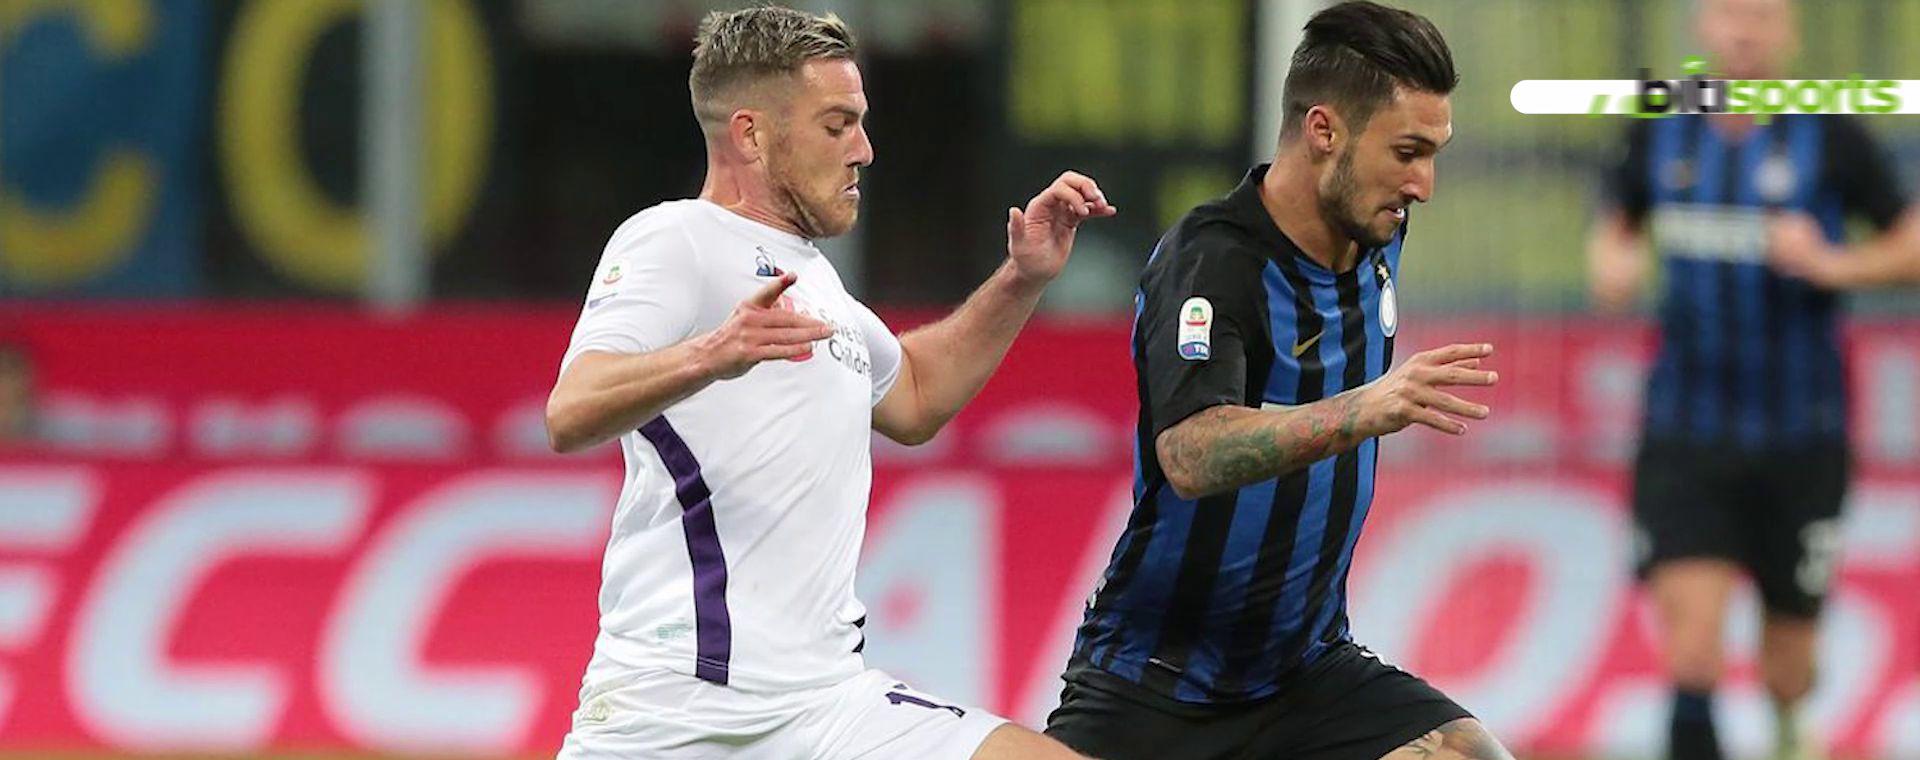 Inter travel to Fiorentina